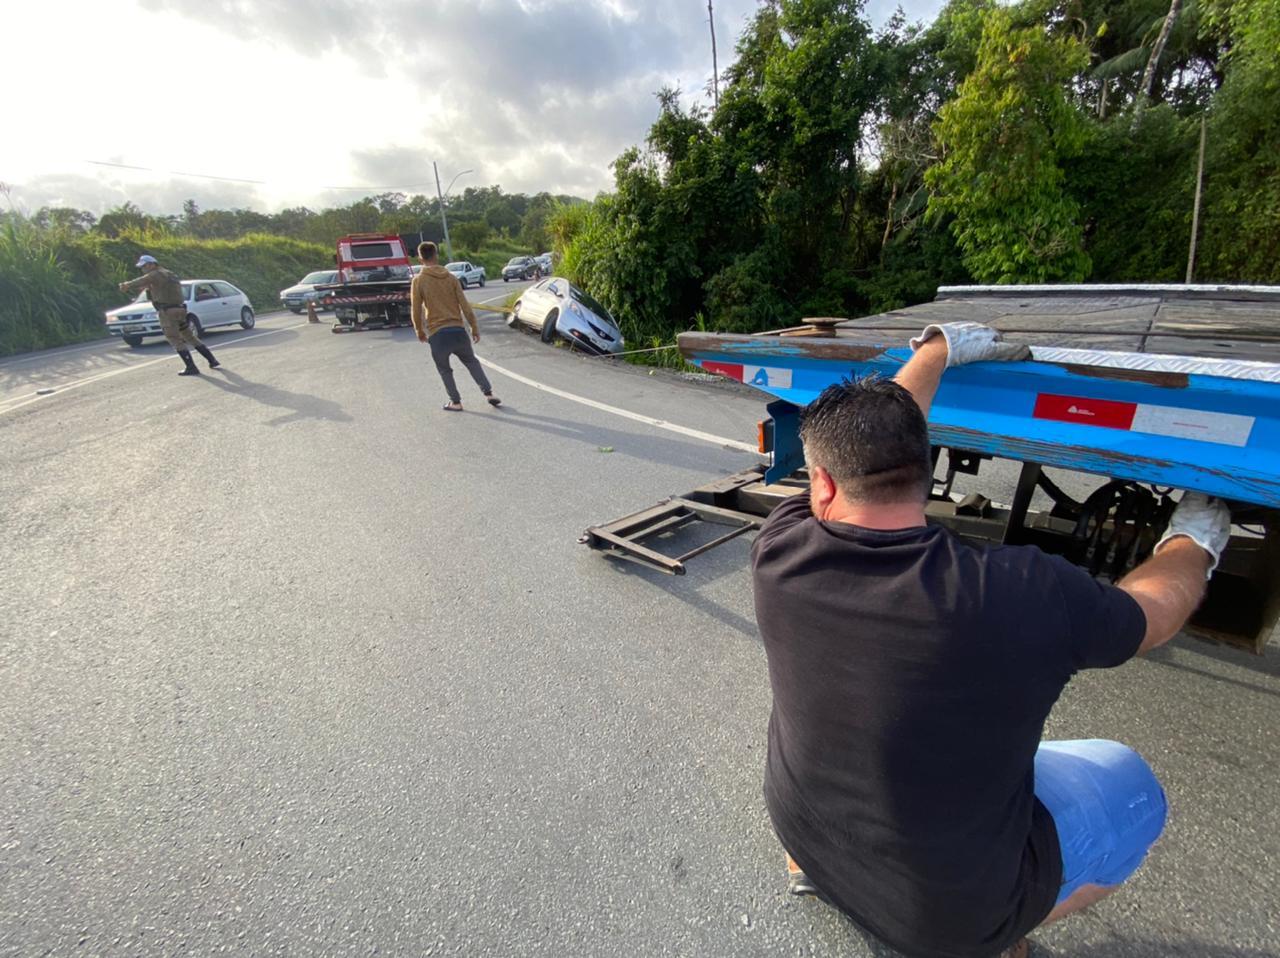 Veículo já está sendo removido, mas o trânsito requer atenção dos motoristas - Moisés Stuker/NDTV Blumenau